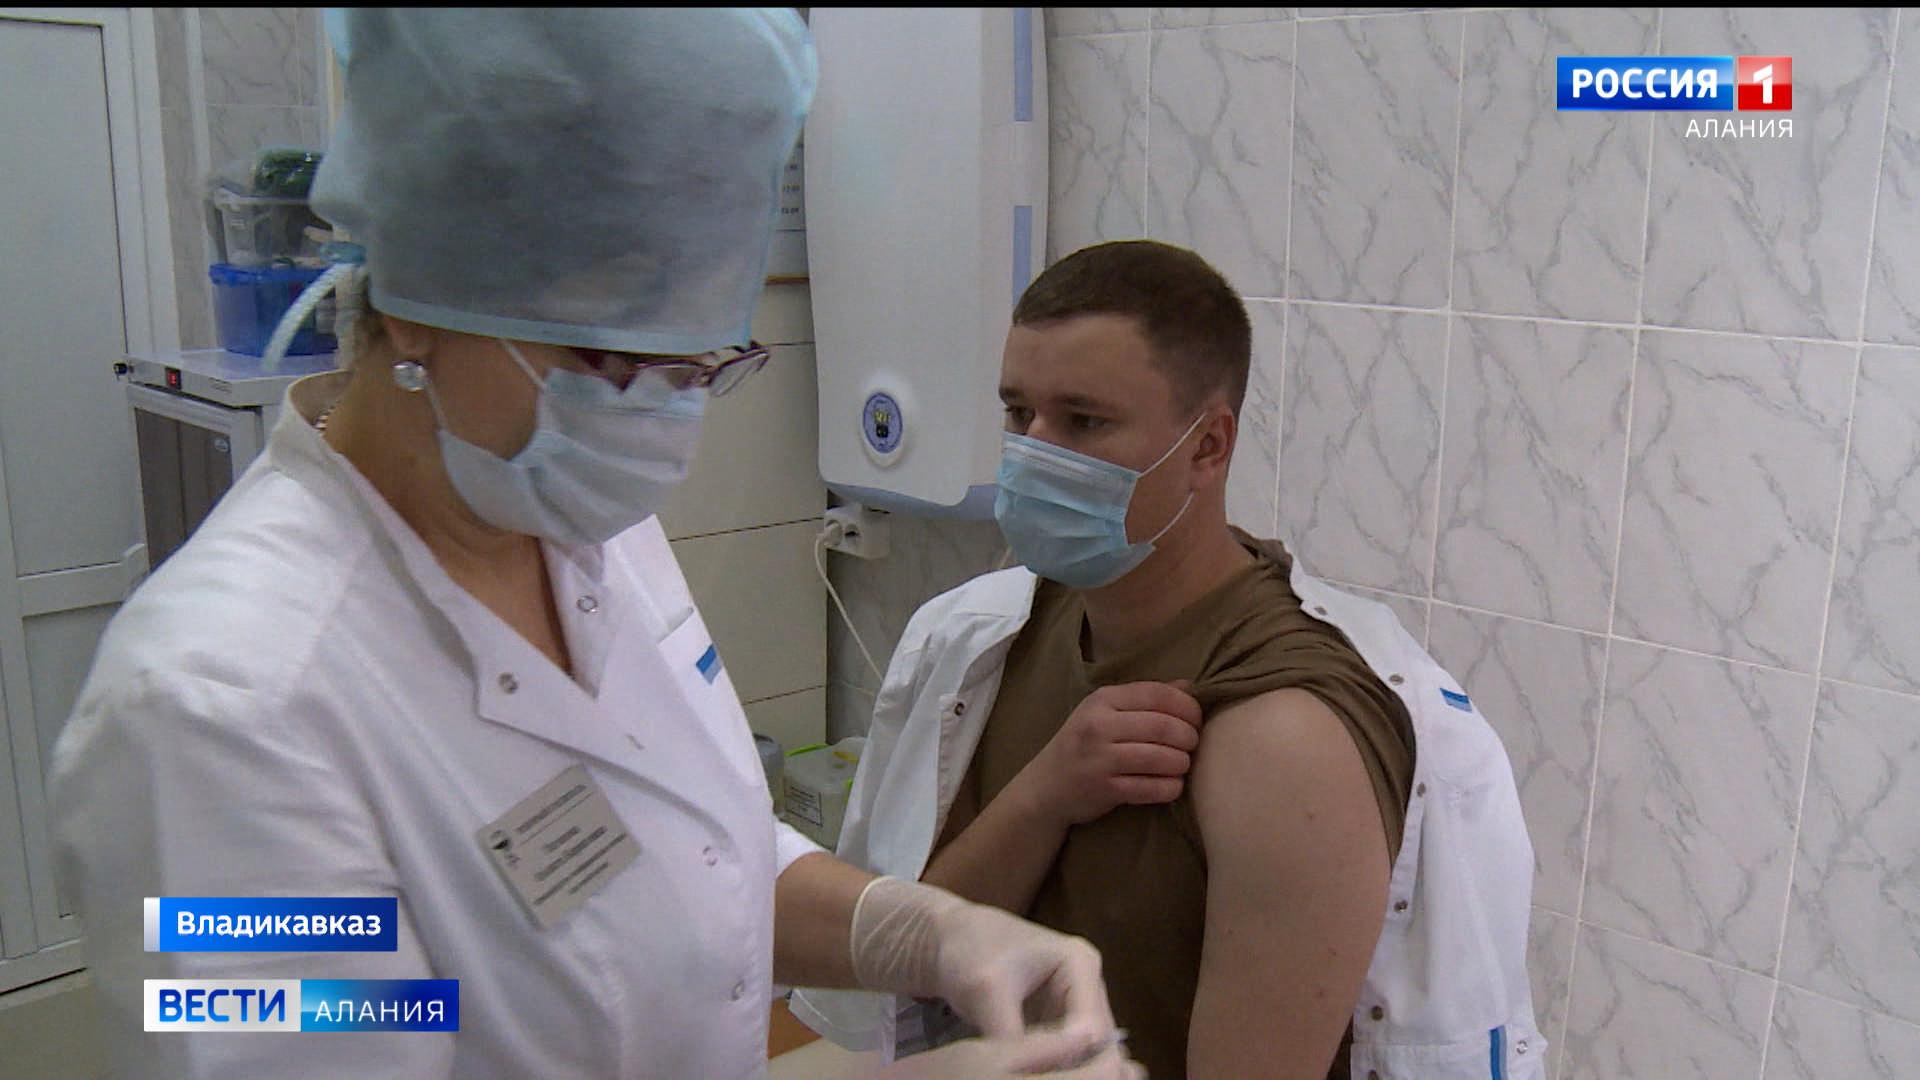 Более полутора тысяч военнослужащих в Северной Осетии сделали прививку от коронавируса